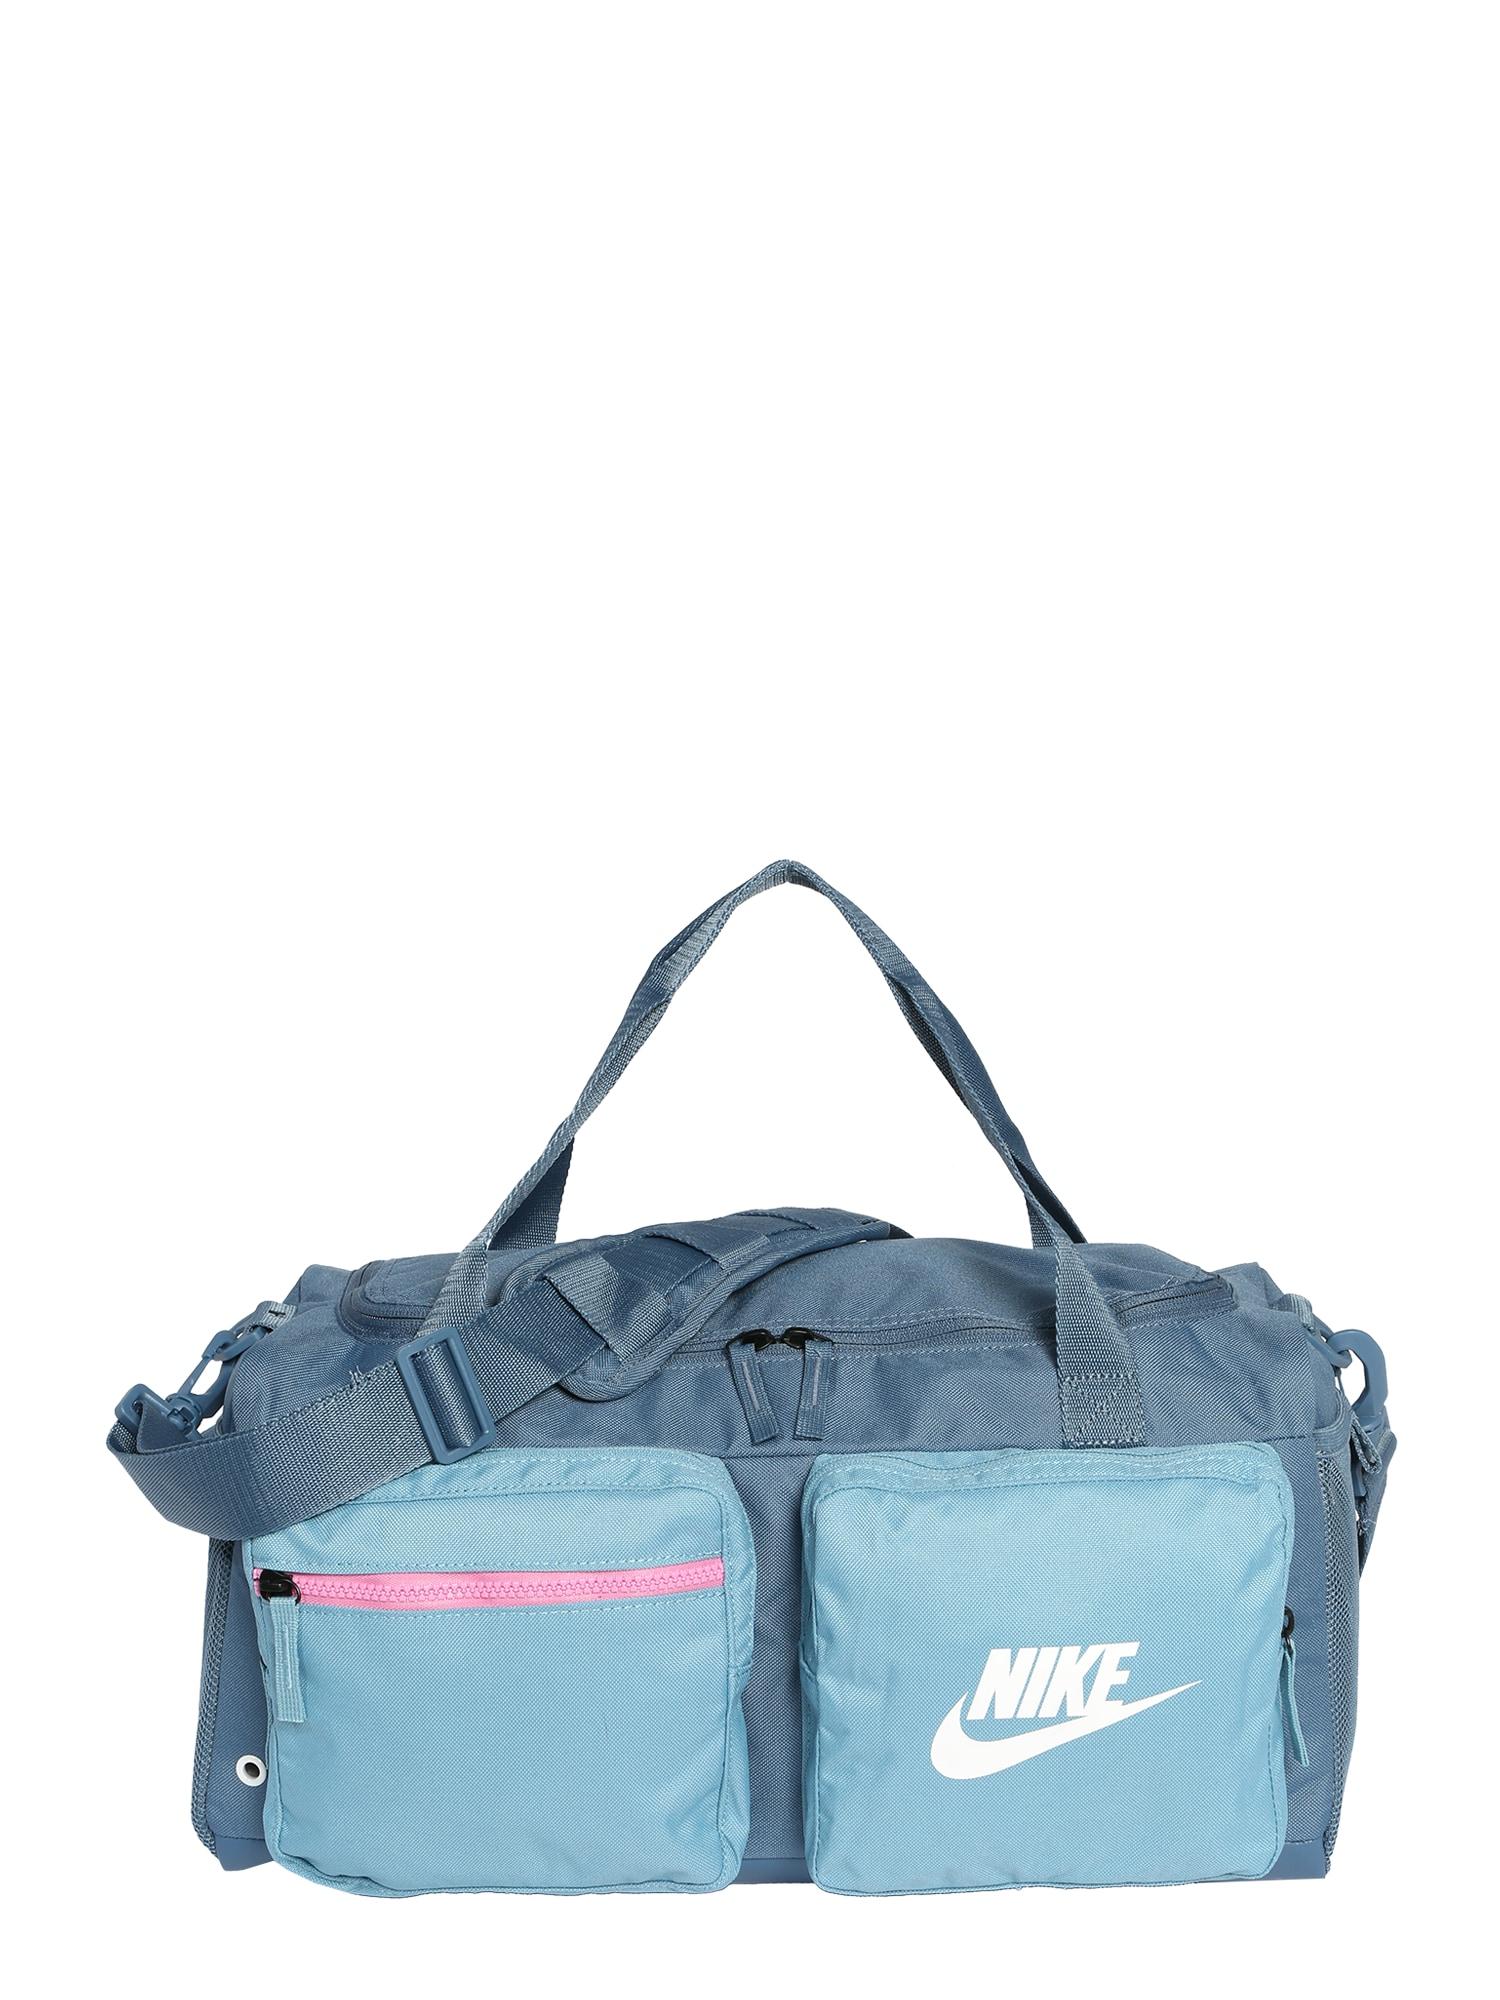 Nike Sportswear Krepšys 'Y NK FUTURE PRO DUFF' mėlyna